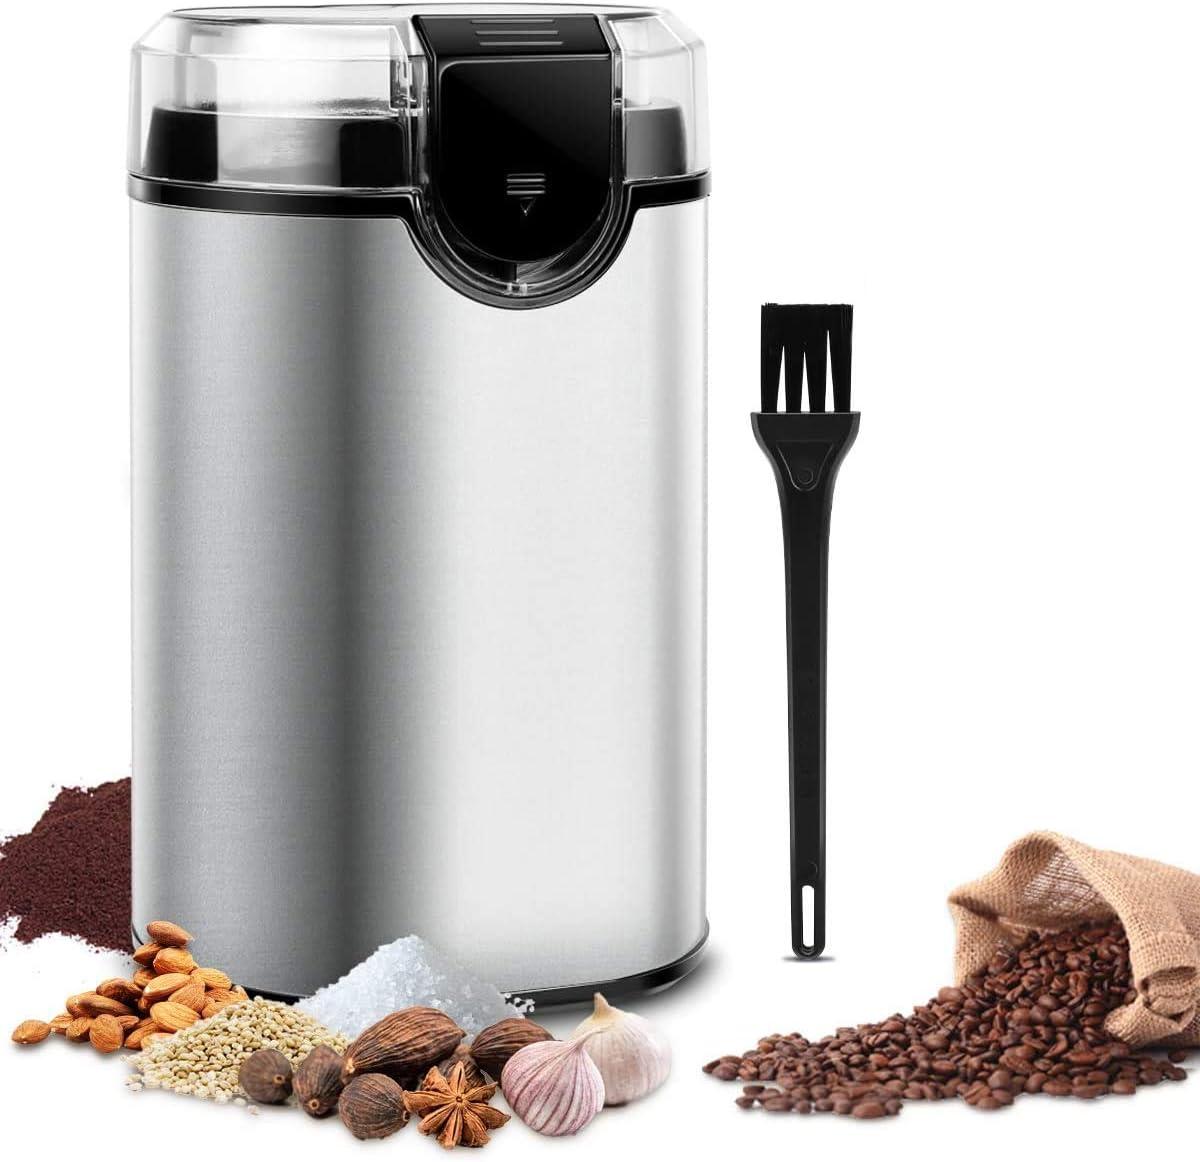 Coffee Grinder Electric Coffee Grinder